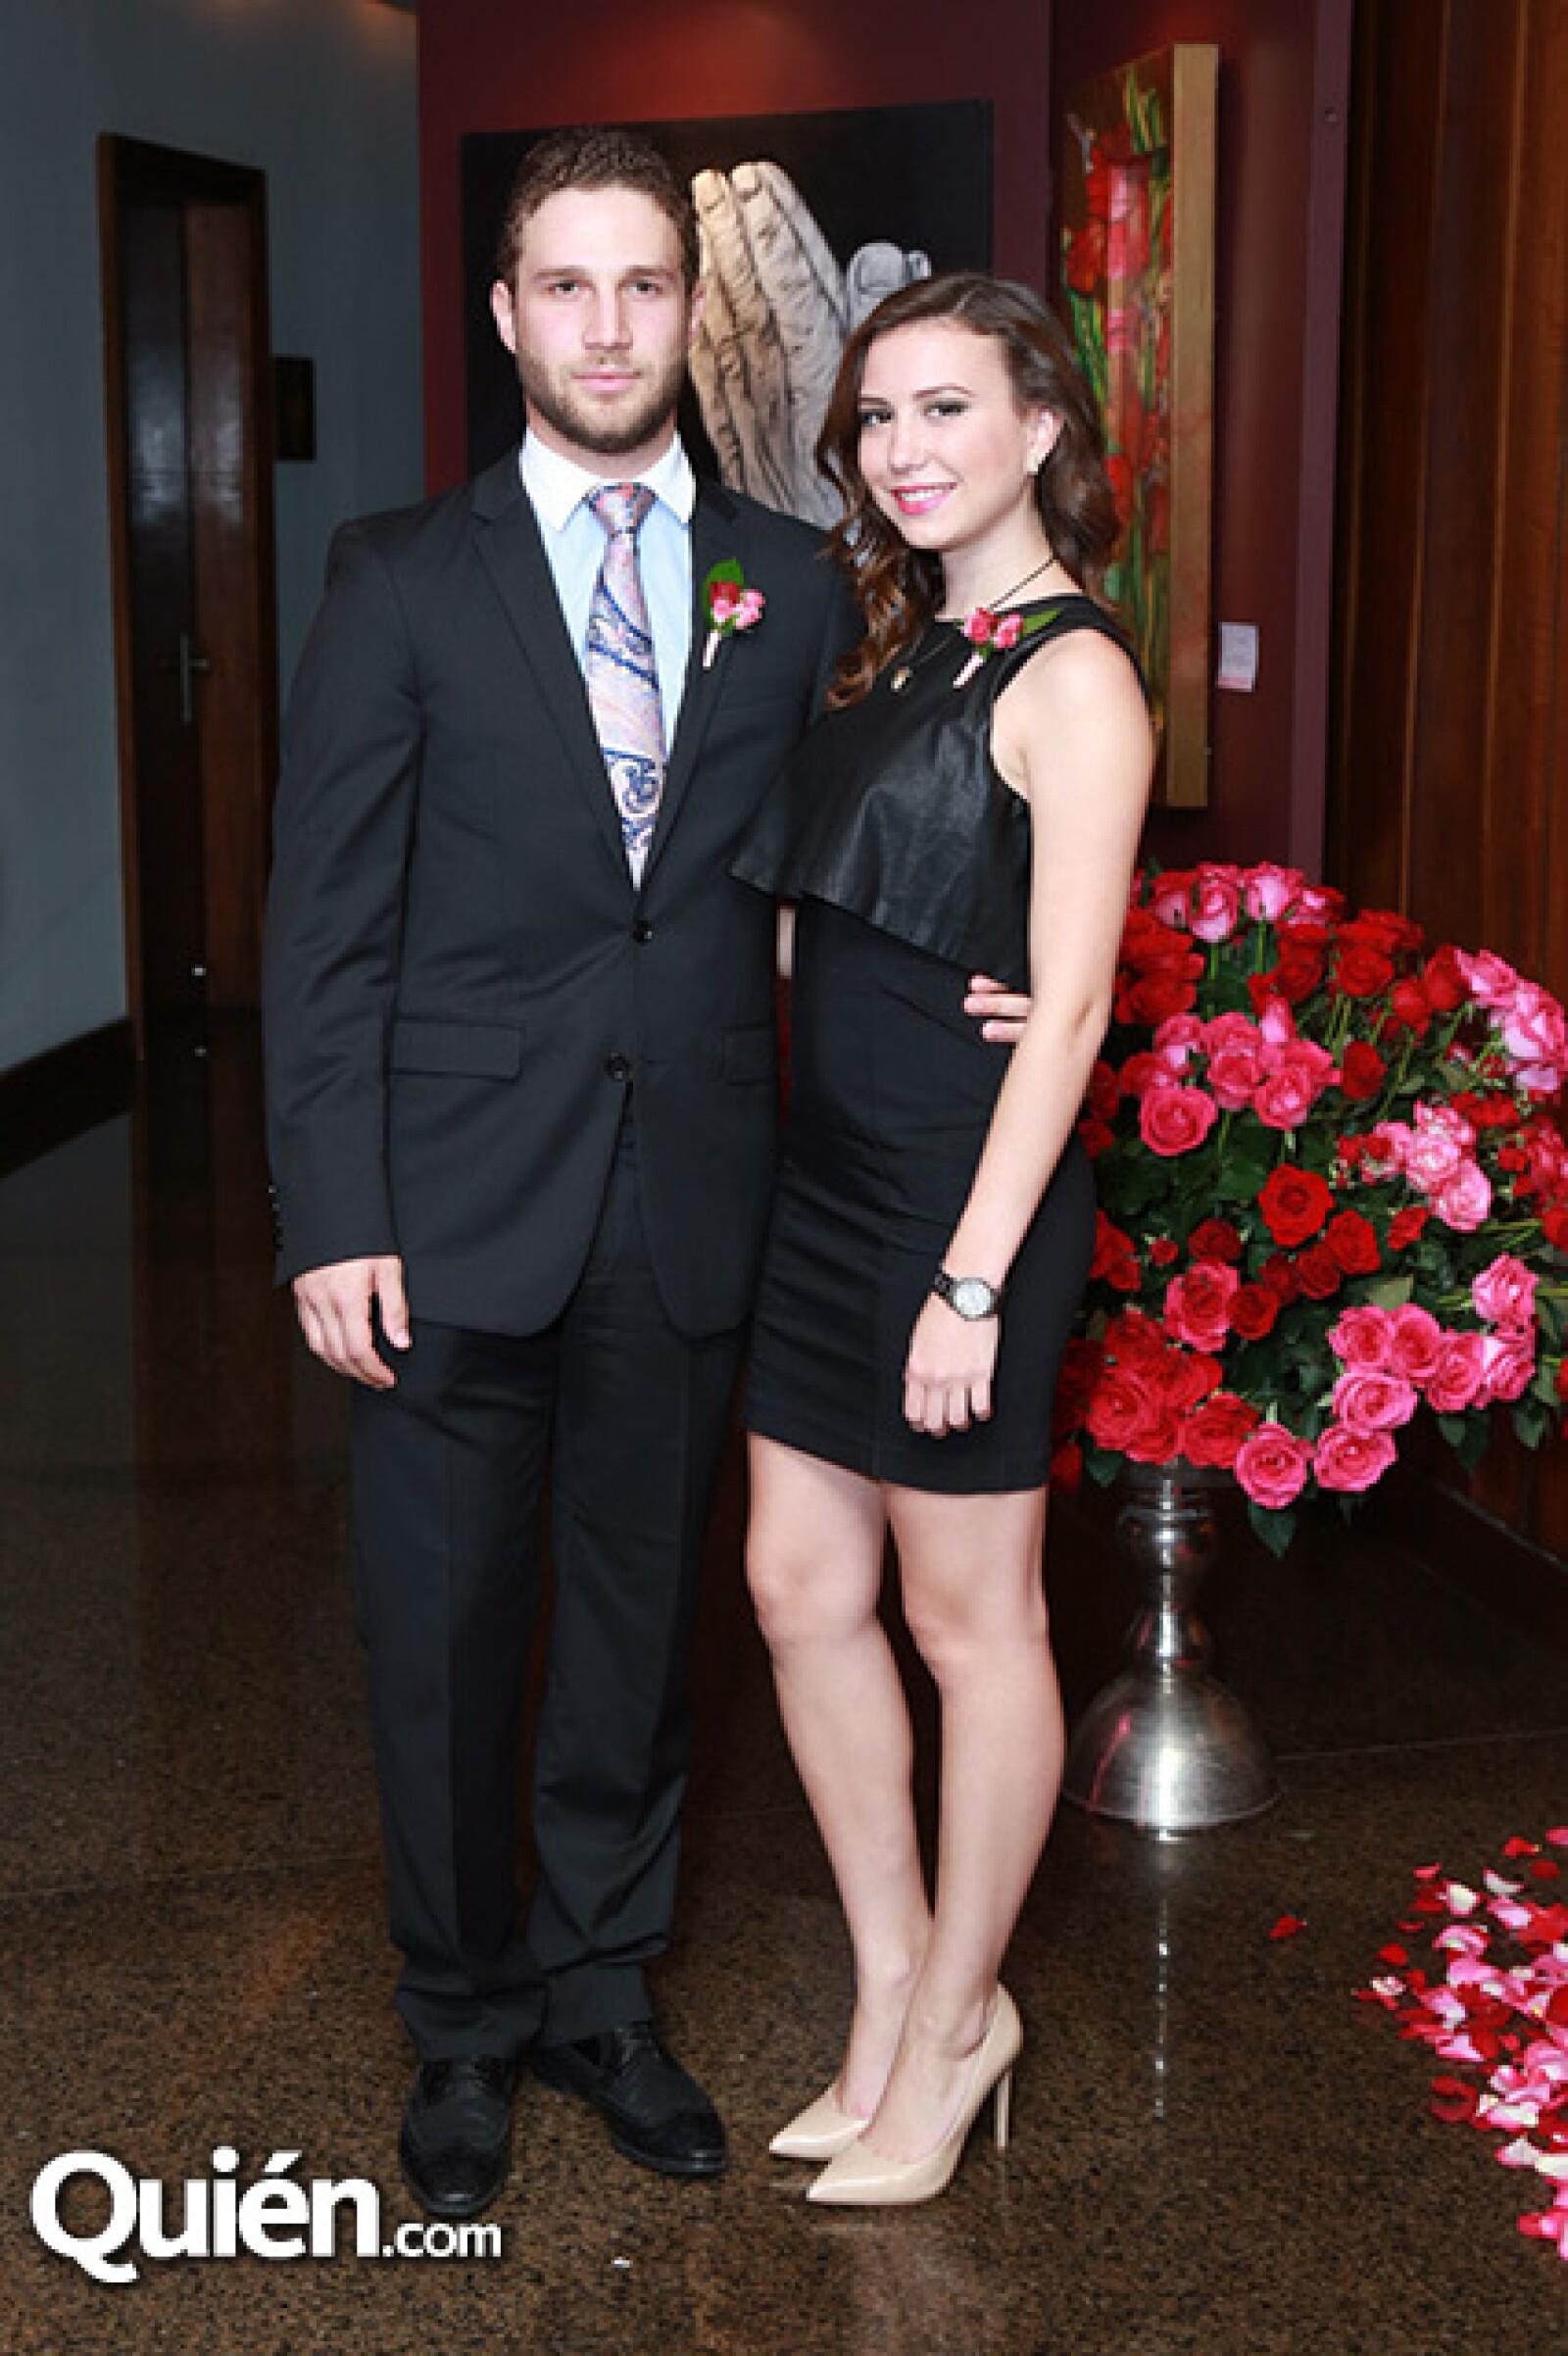 Maximiliano Fernández y Renata Landeros